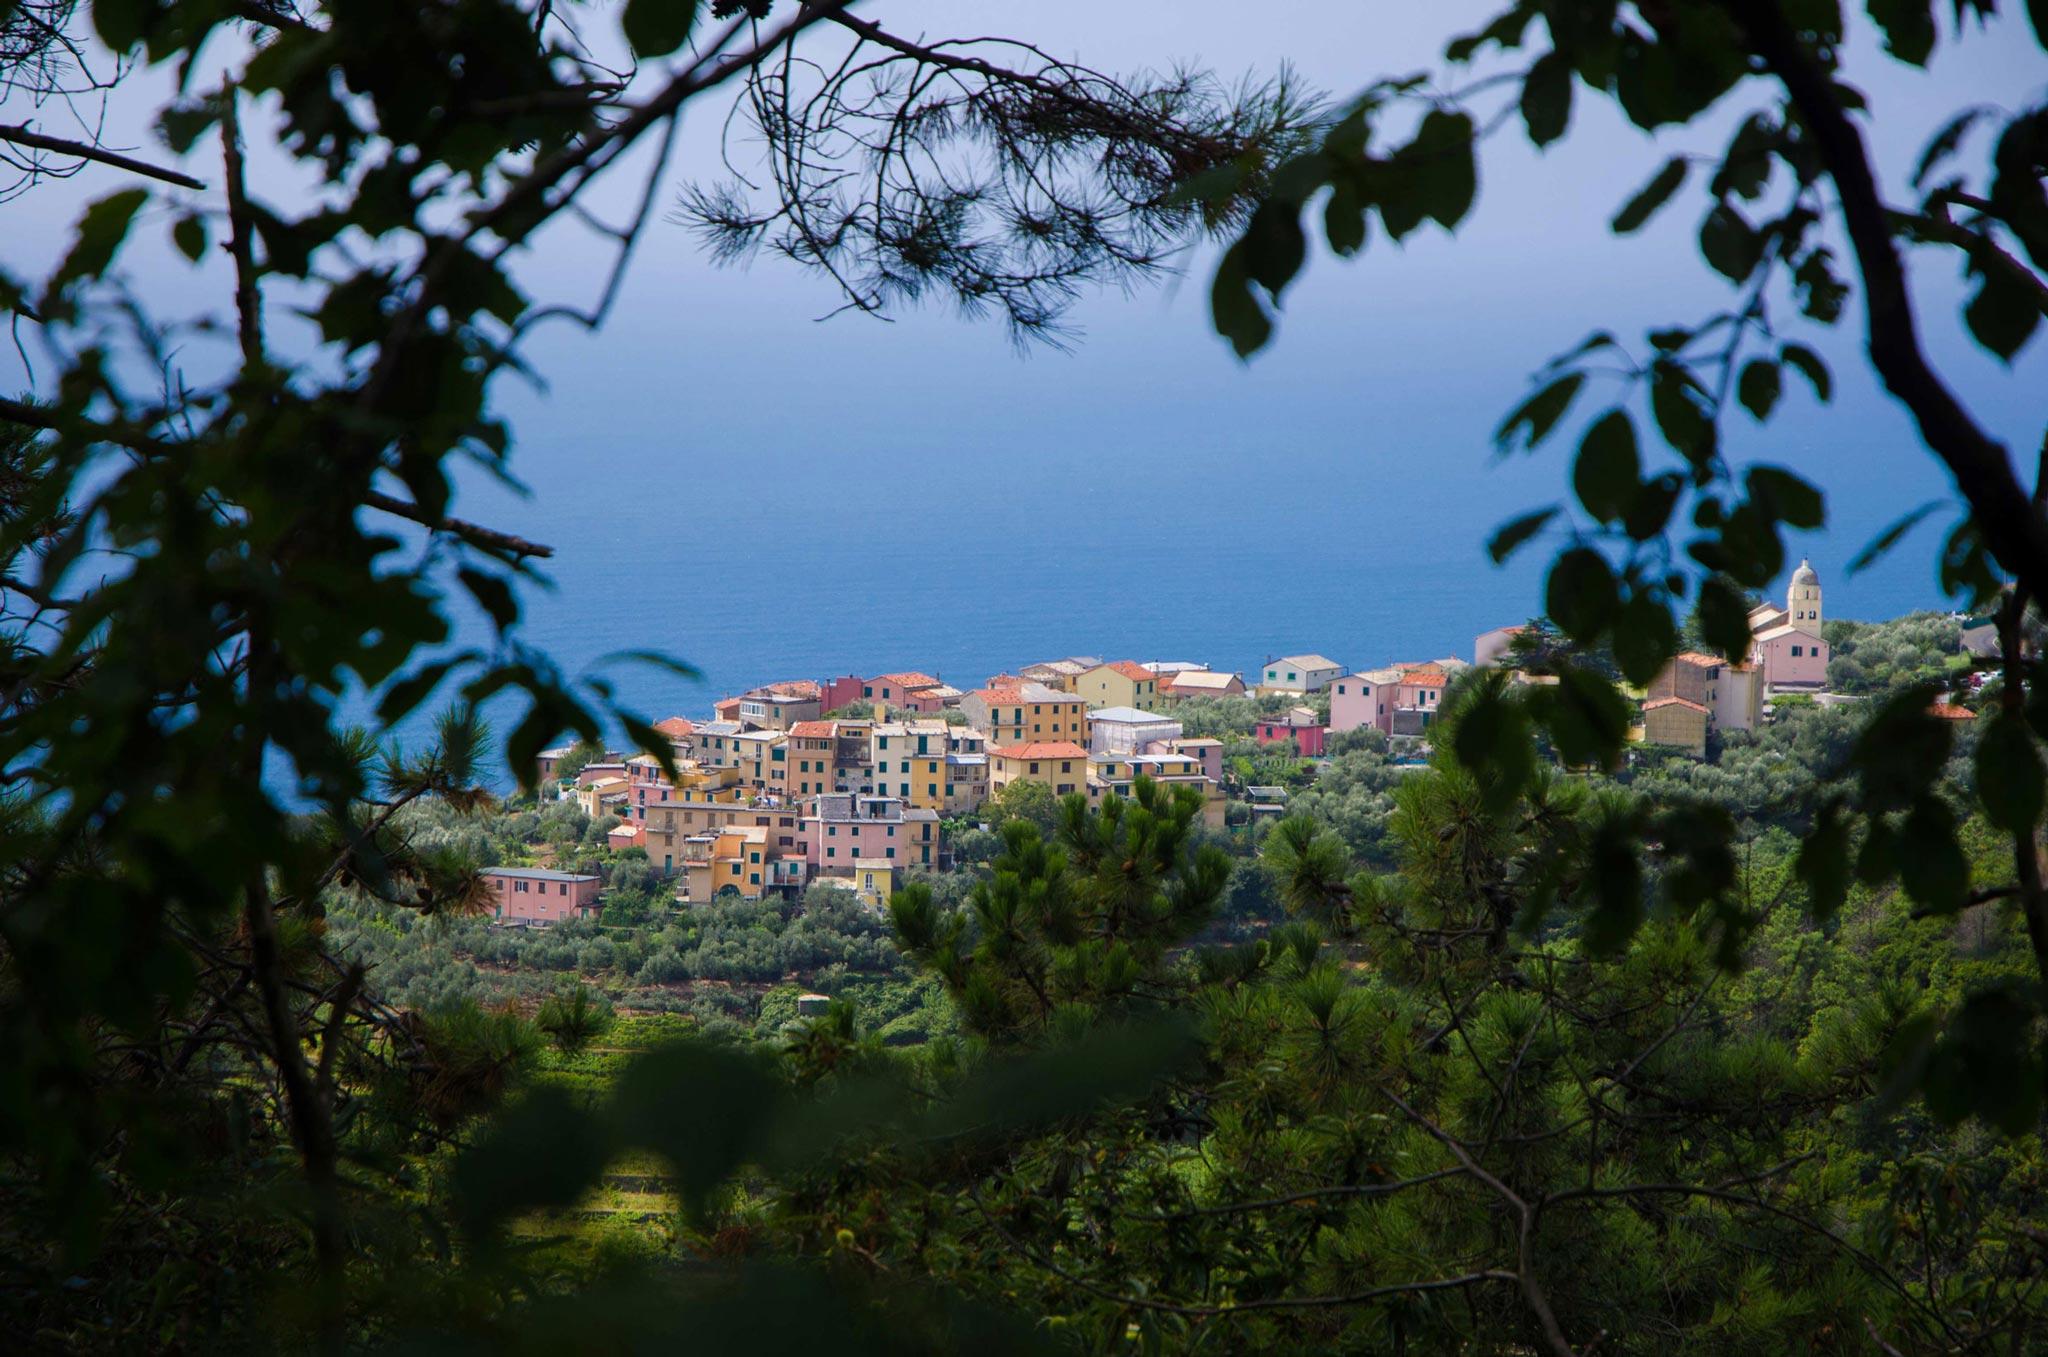 Paesaggi-Italia - Manarola Sentiero Verso Riomaggiore Cinque Terre - Manarola-Sentiero-Verso-Riomaggiore-Cinque-Terre - Manarola-Sentiero-Verso-Riomaggiore-Cinque-Terre